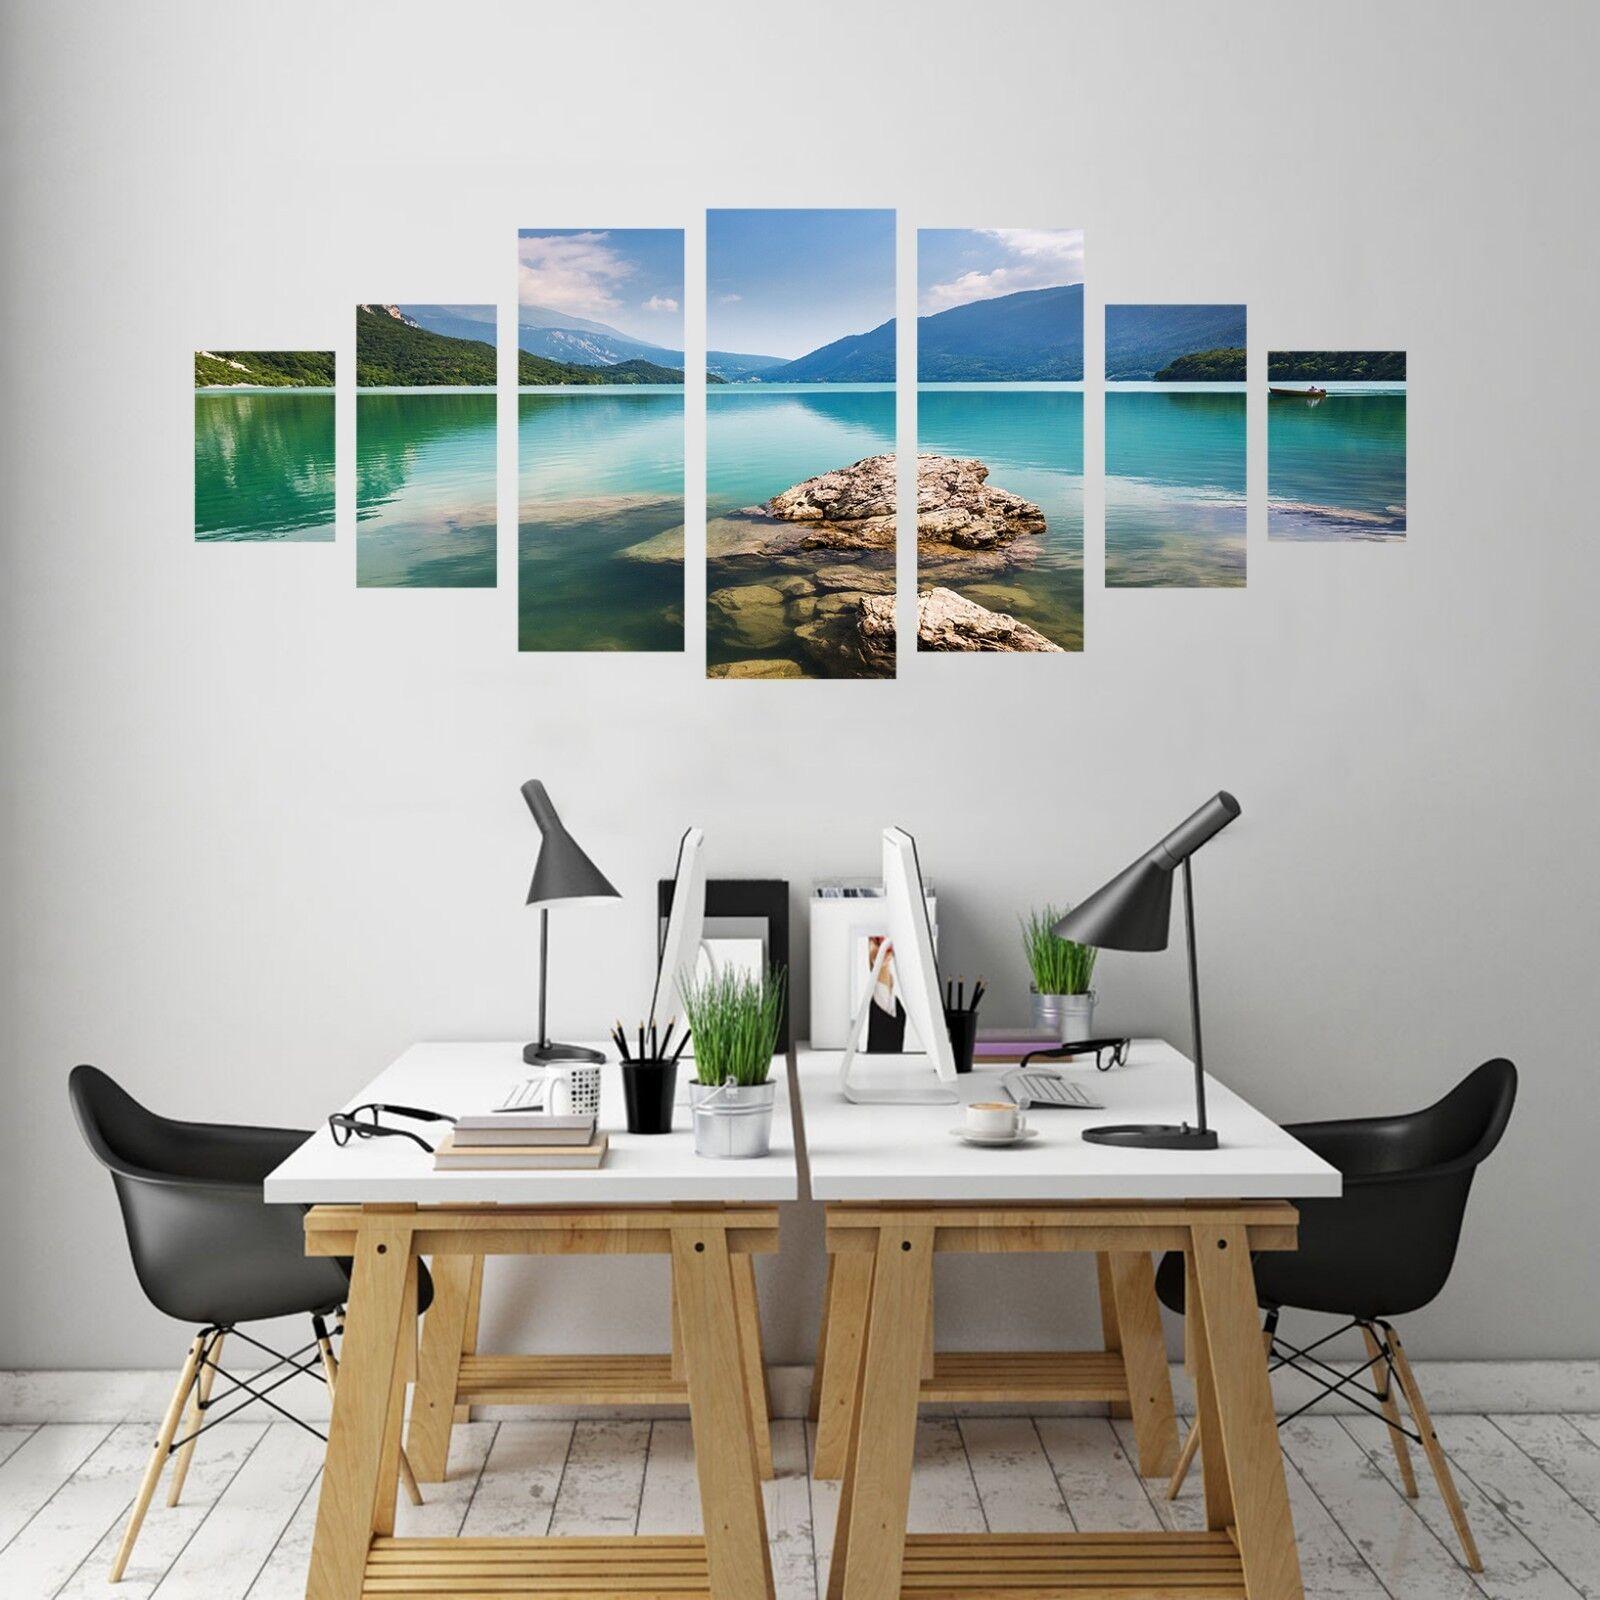 3D Lake Grün 791 Unframed Print Wall Paper Decal Wall Deco Indoor AJ Wall Jenny